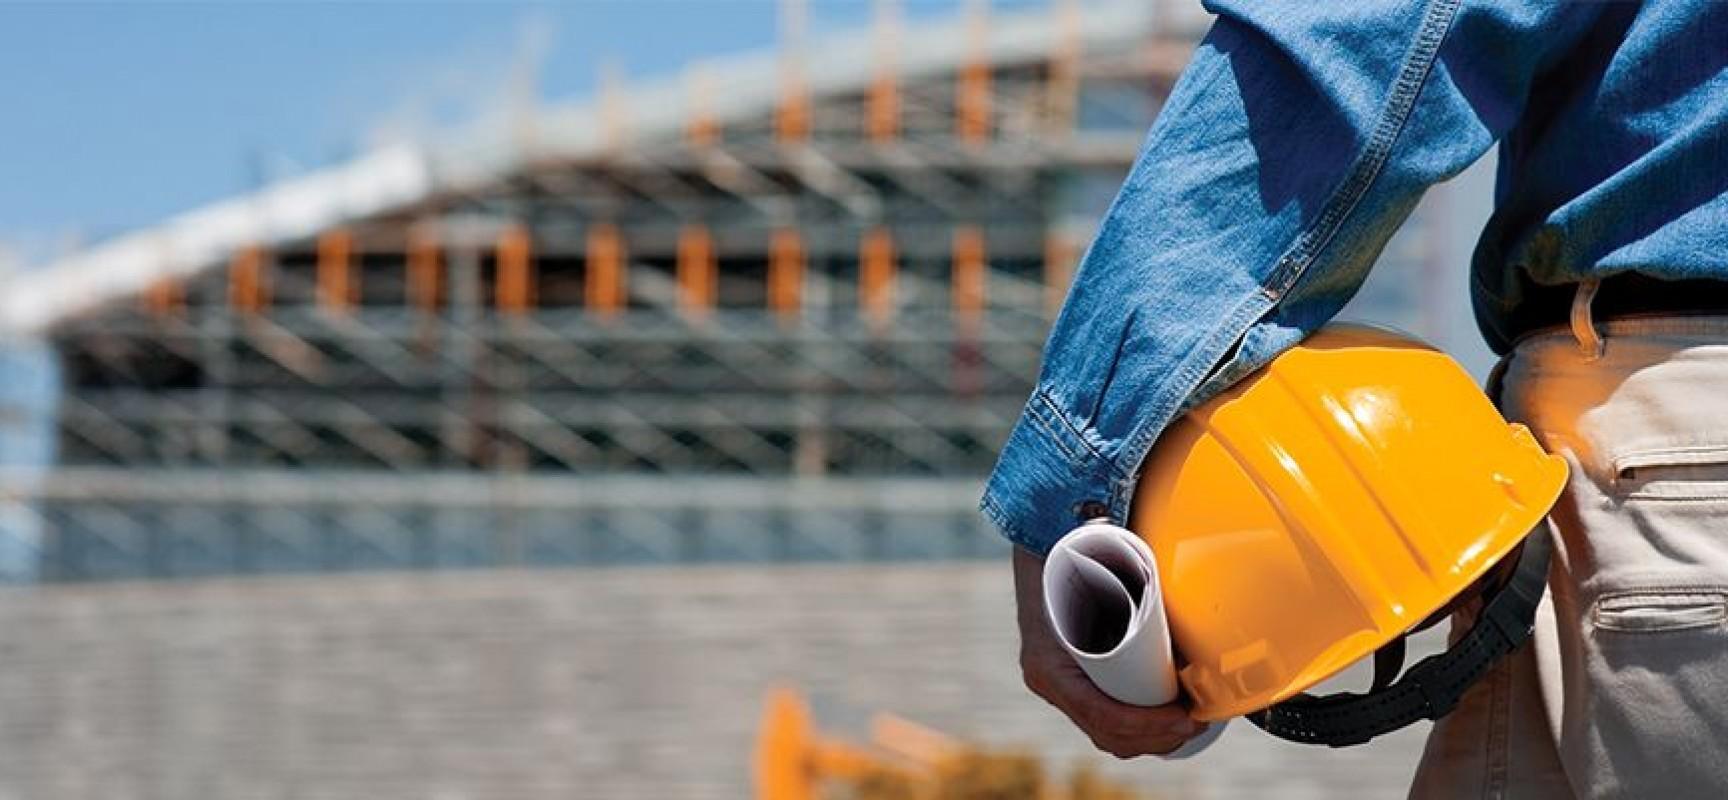 Por que os autônomos da construção civil recebem dinheiro de volta?